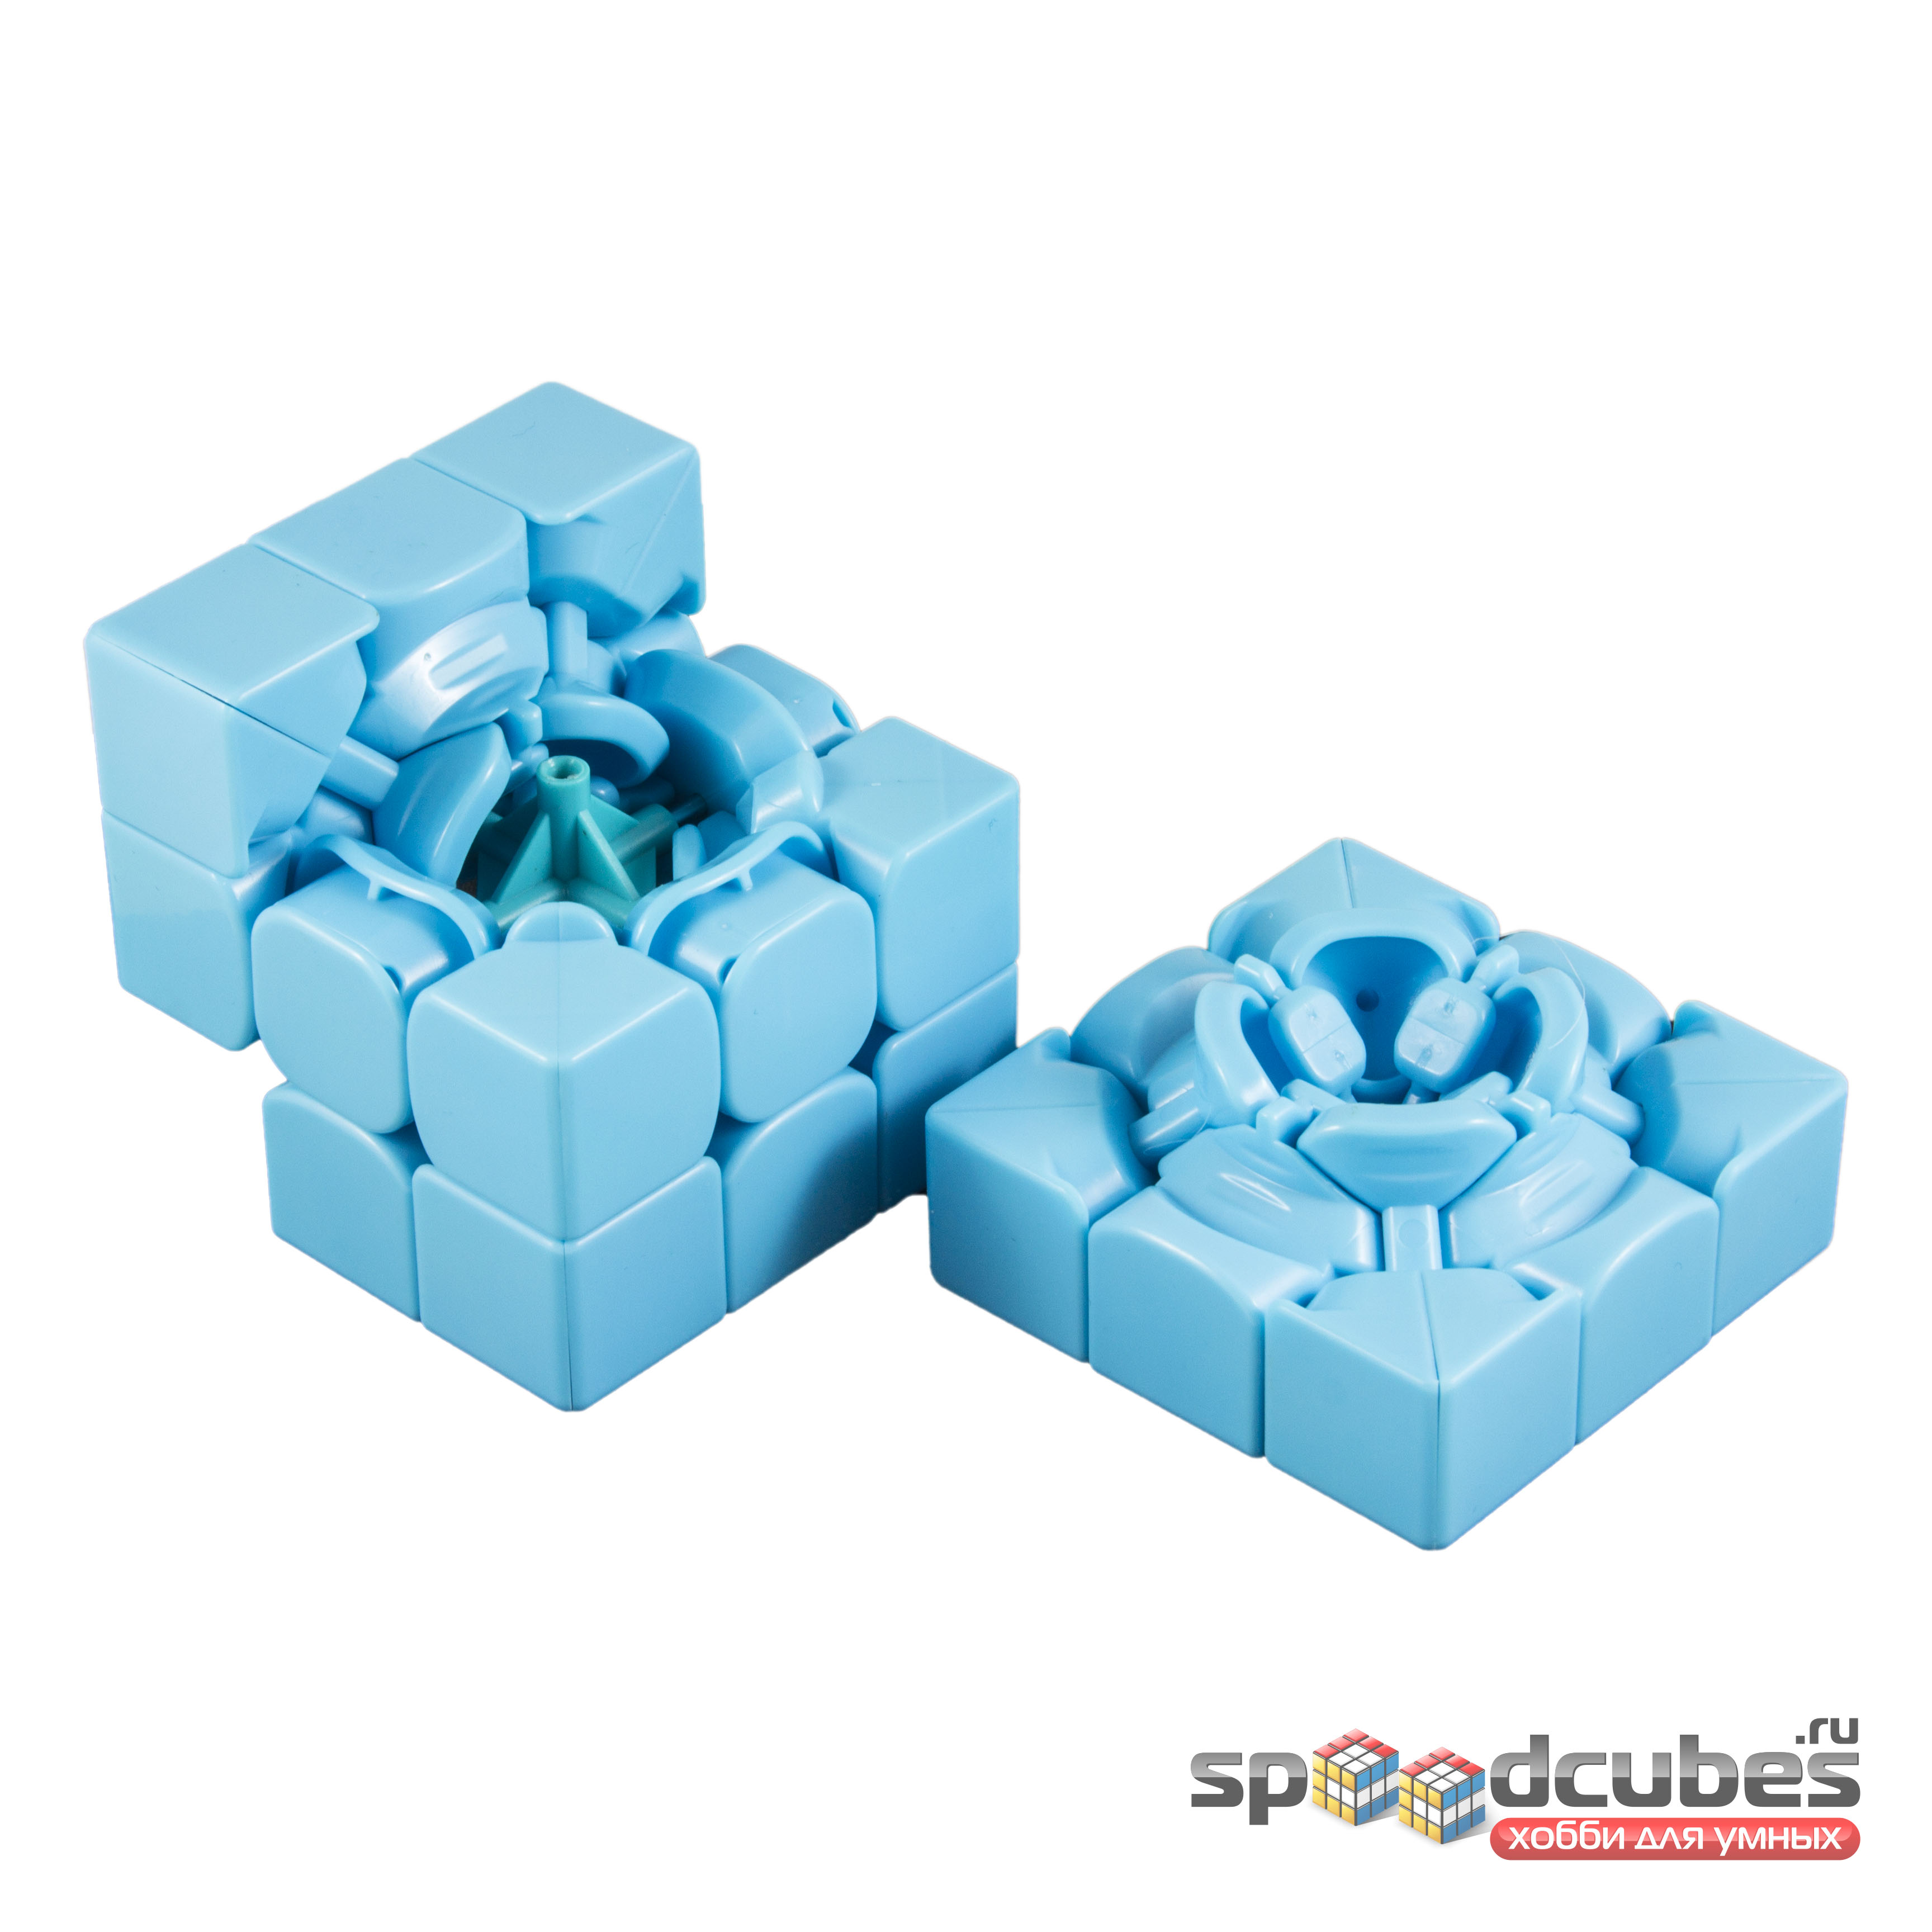 Moyu 3x3x3 Weilong Gts V2 M 4 Blue Limited